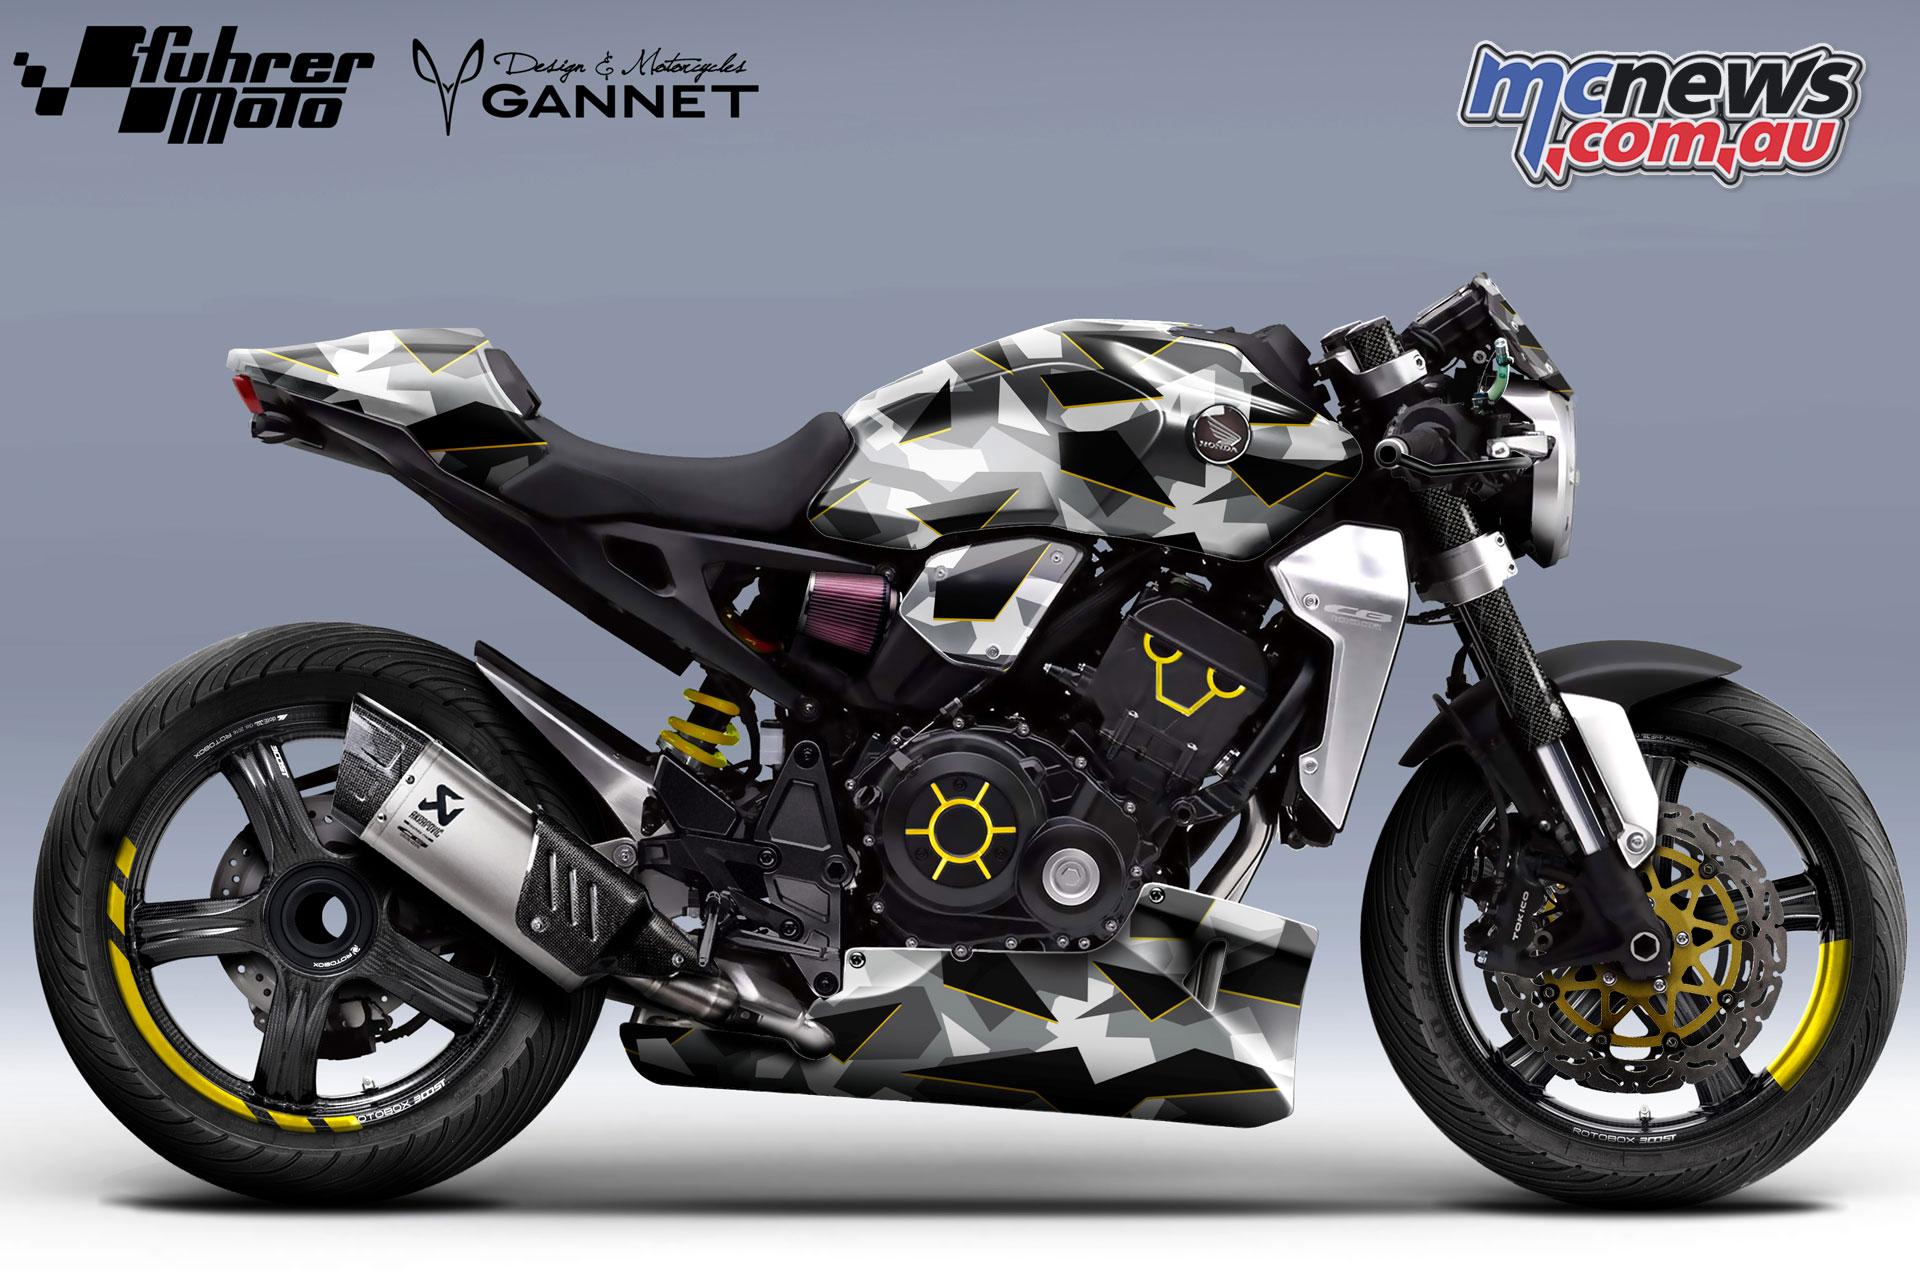 Fuhrer Moto Gannet Honda CBR Design Rendering